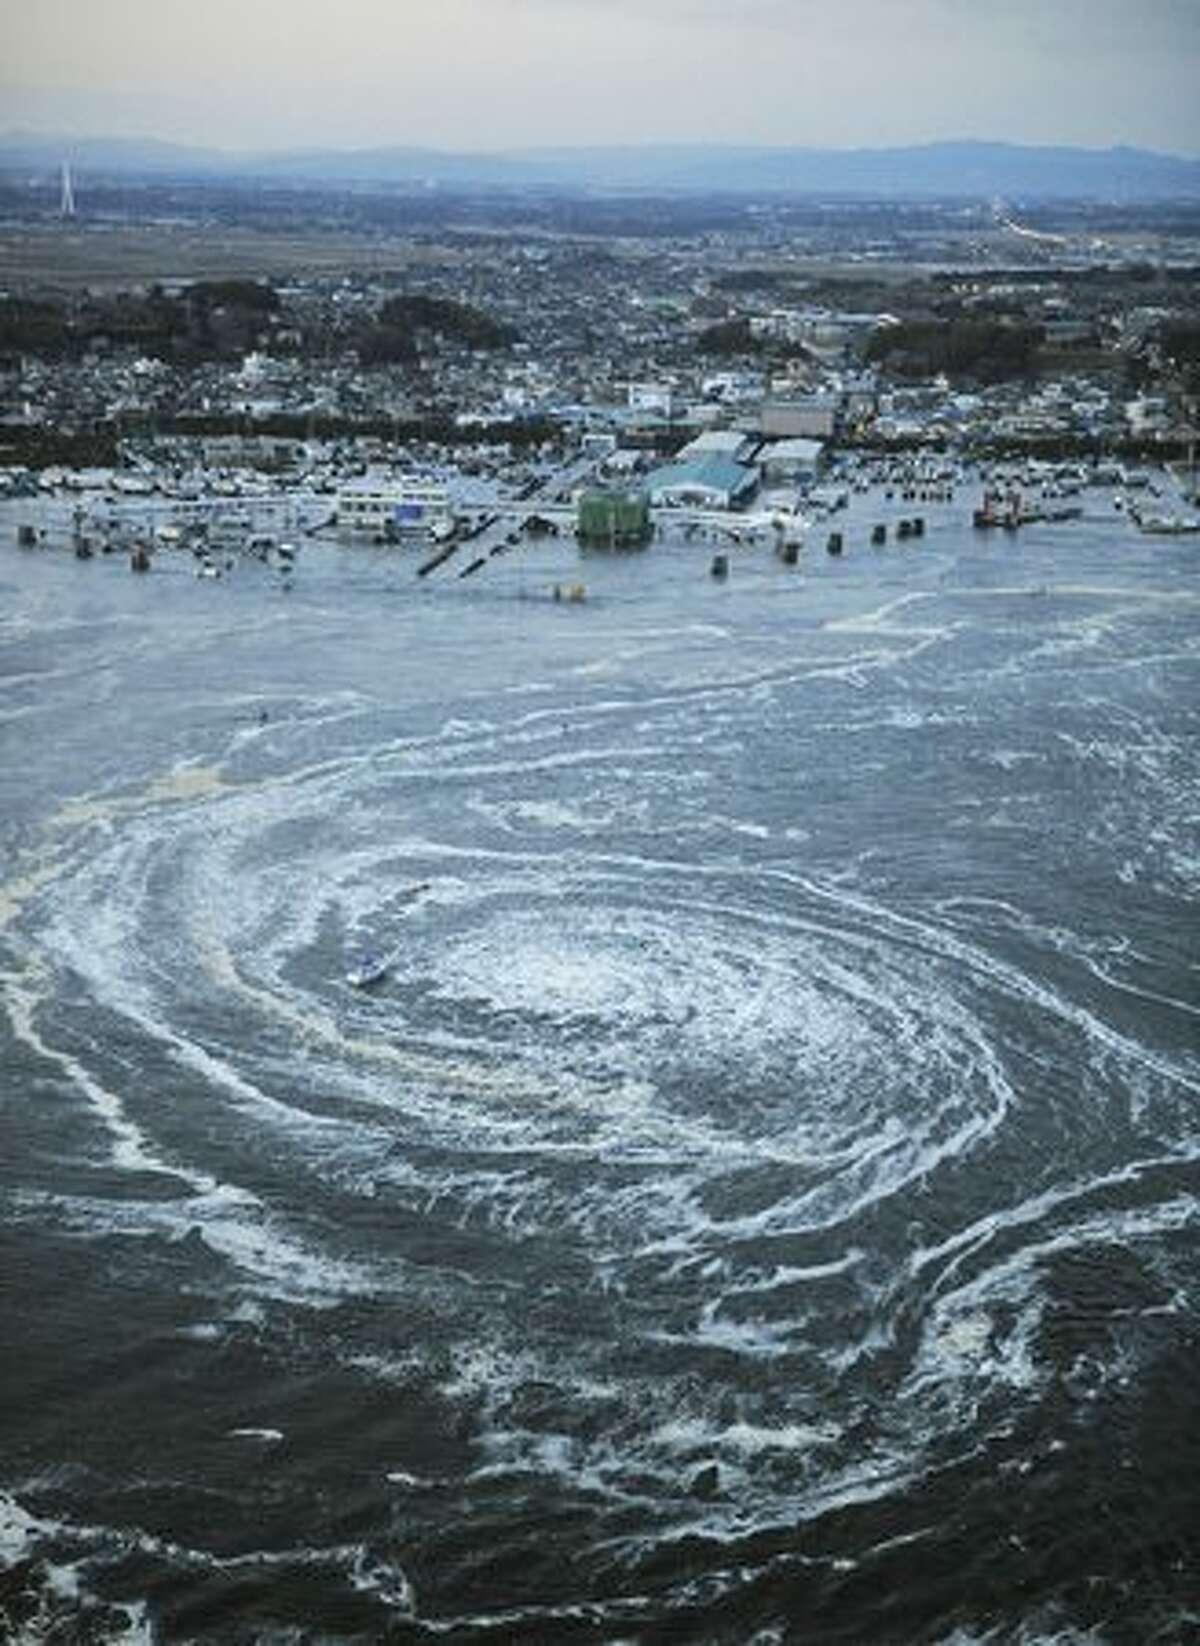 Tsunami swirls near a port in Oarai, Ibaraki Prefecture. (AP Photo/Kyodo News)